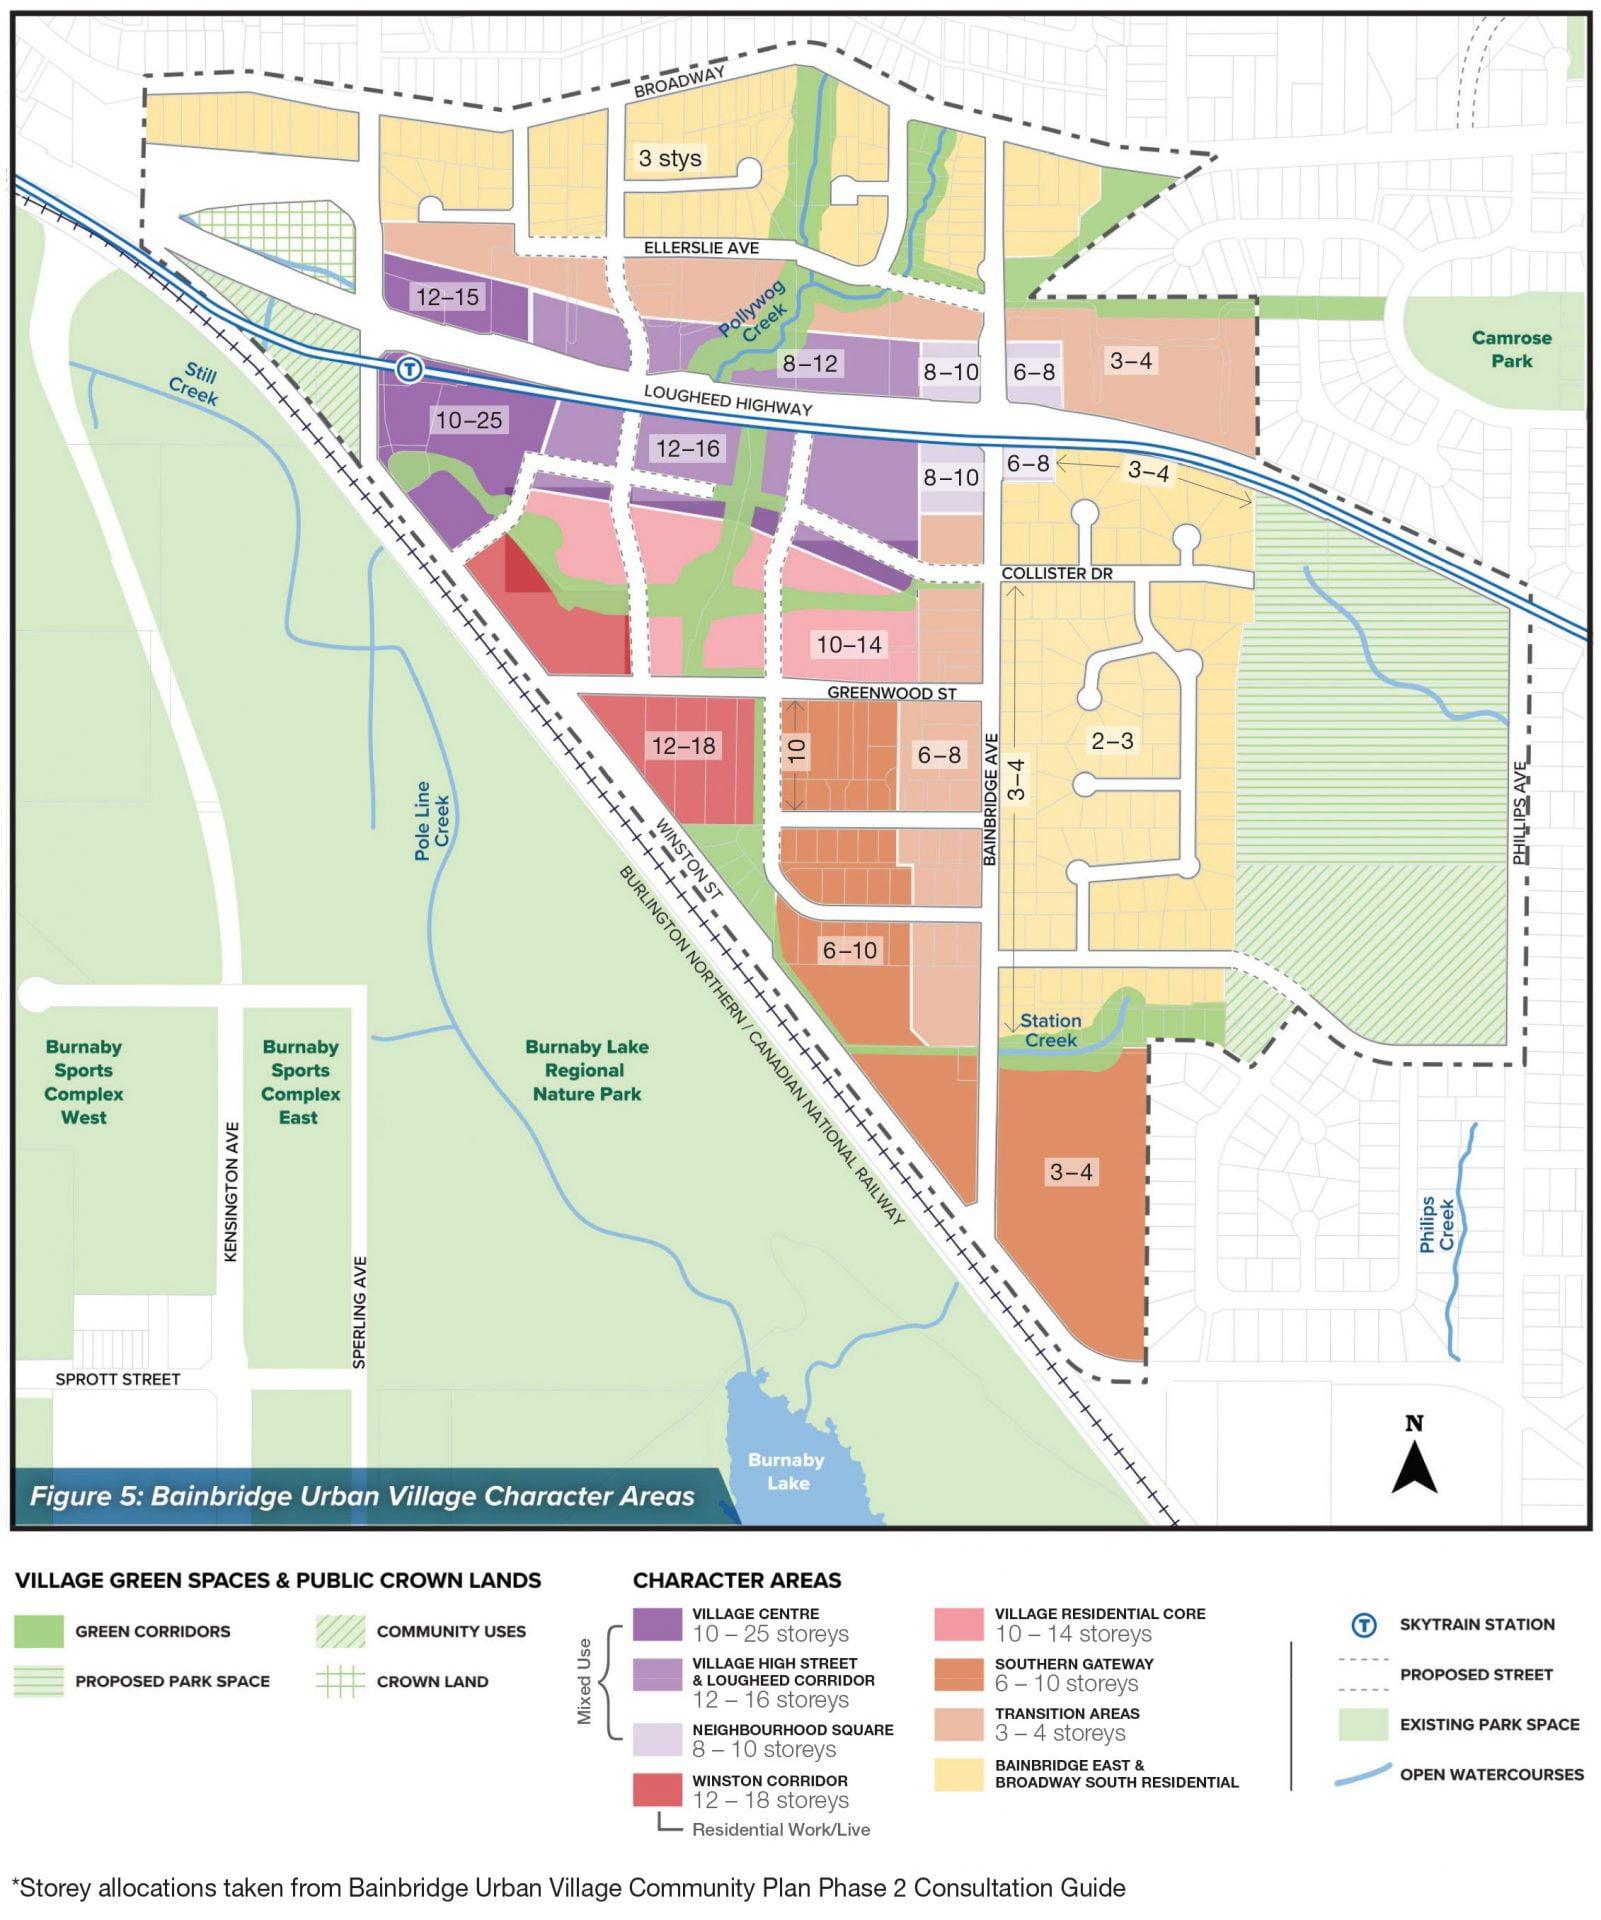 bainbridge phase 2 map labelled